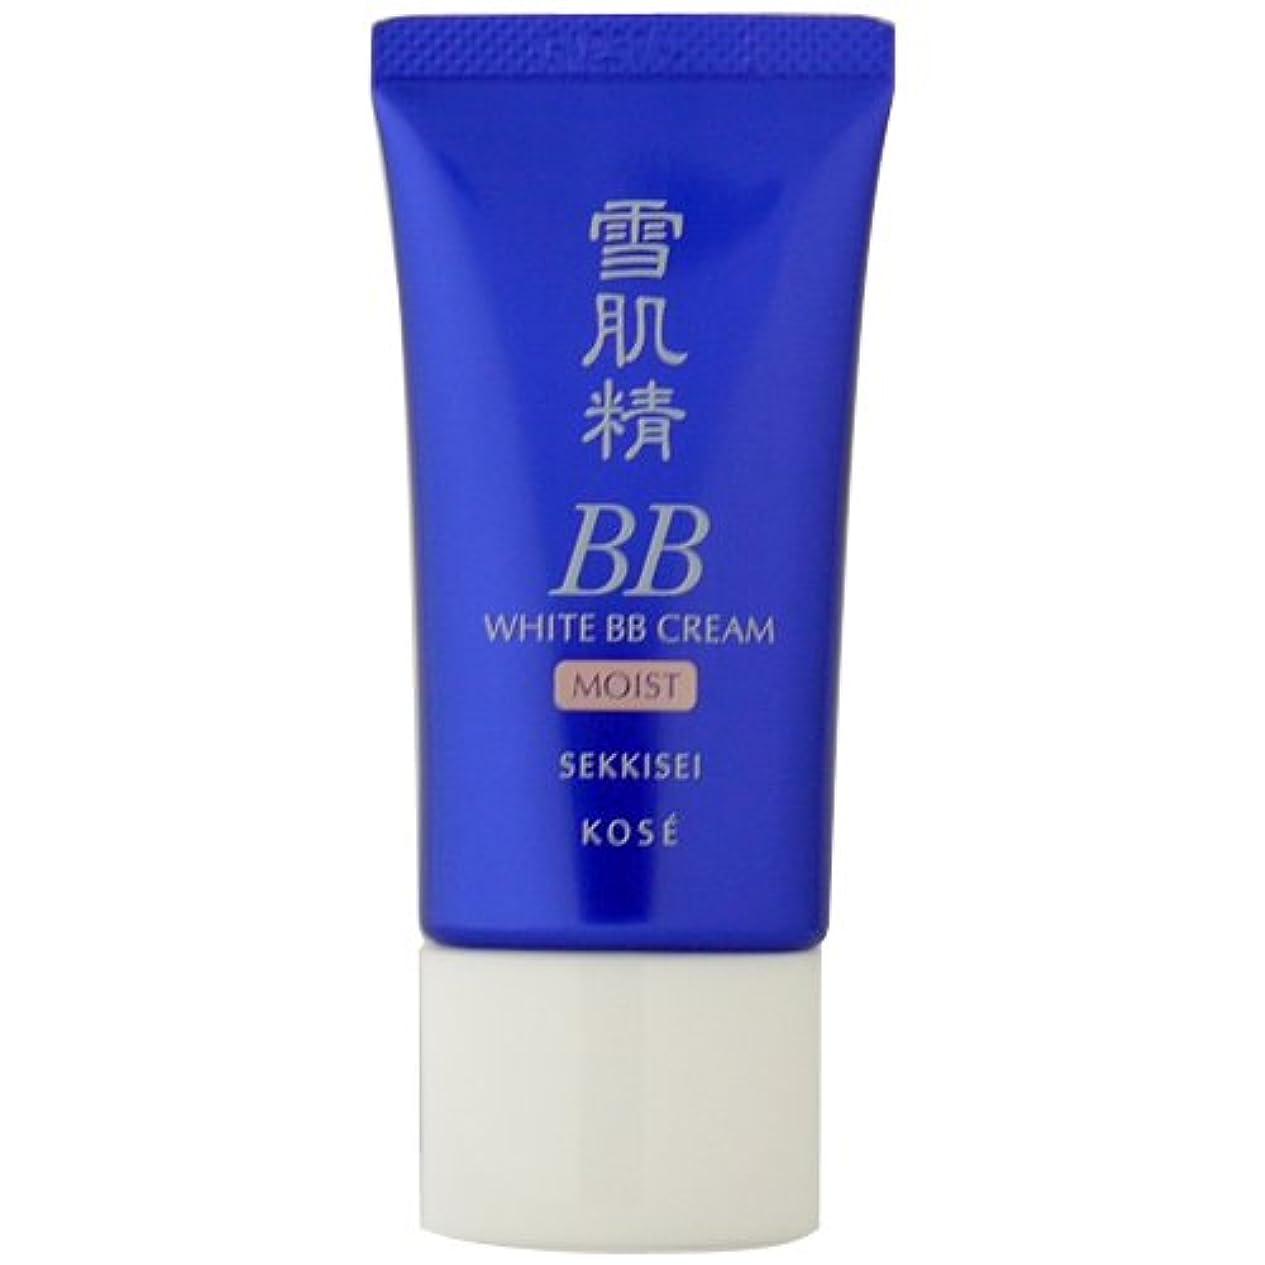 マンモスフロー著者コーセー 雪肌精 ホワイトBBクリーム SPF40 PA+++ 【02】